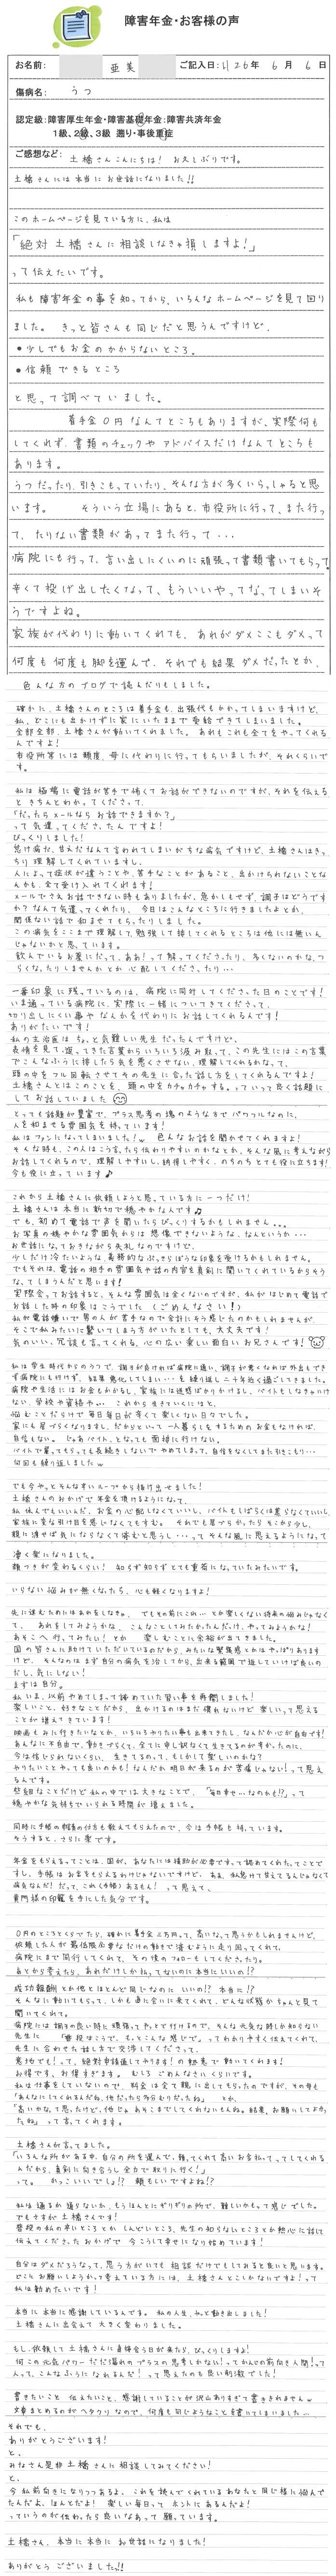 亜美様のご依頼から申請までの経過